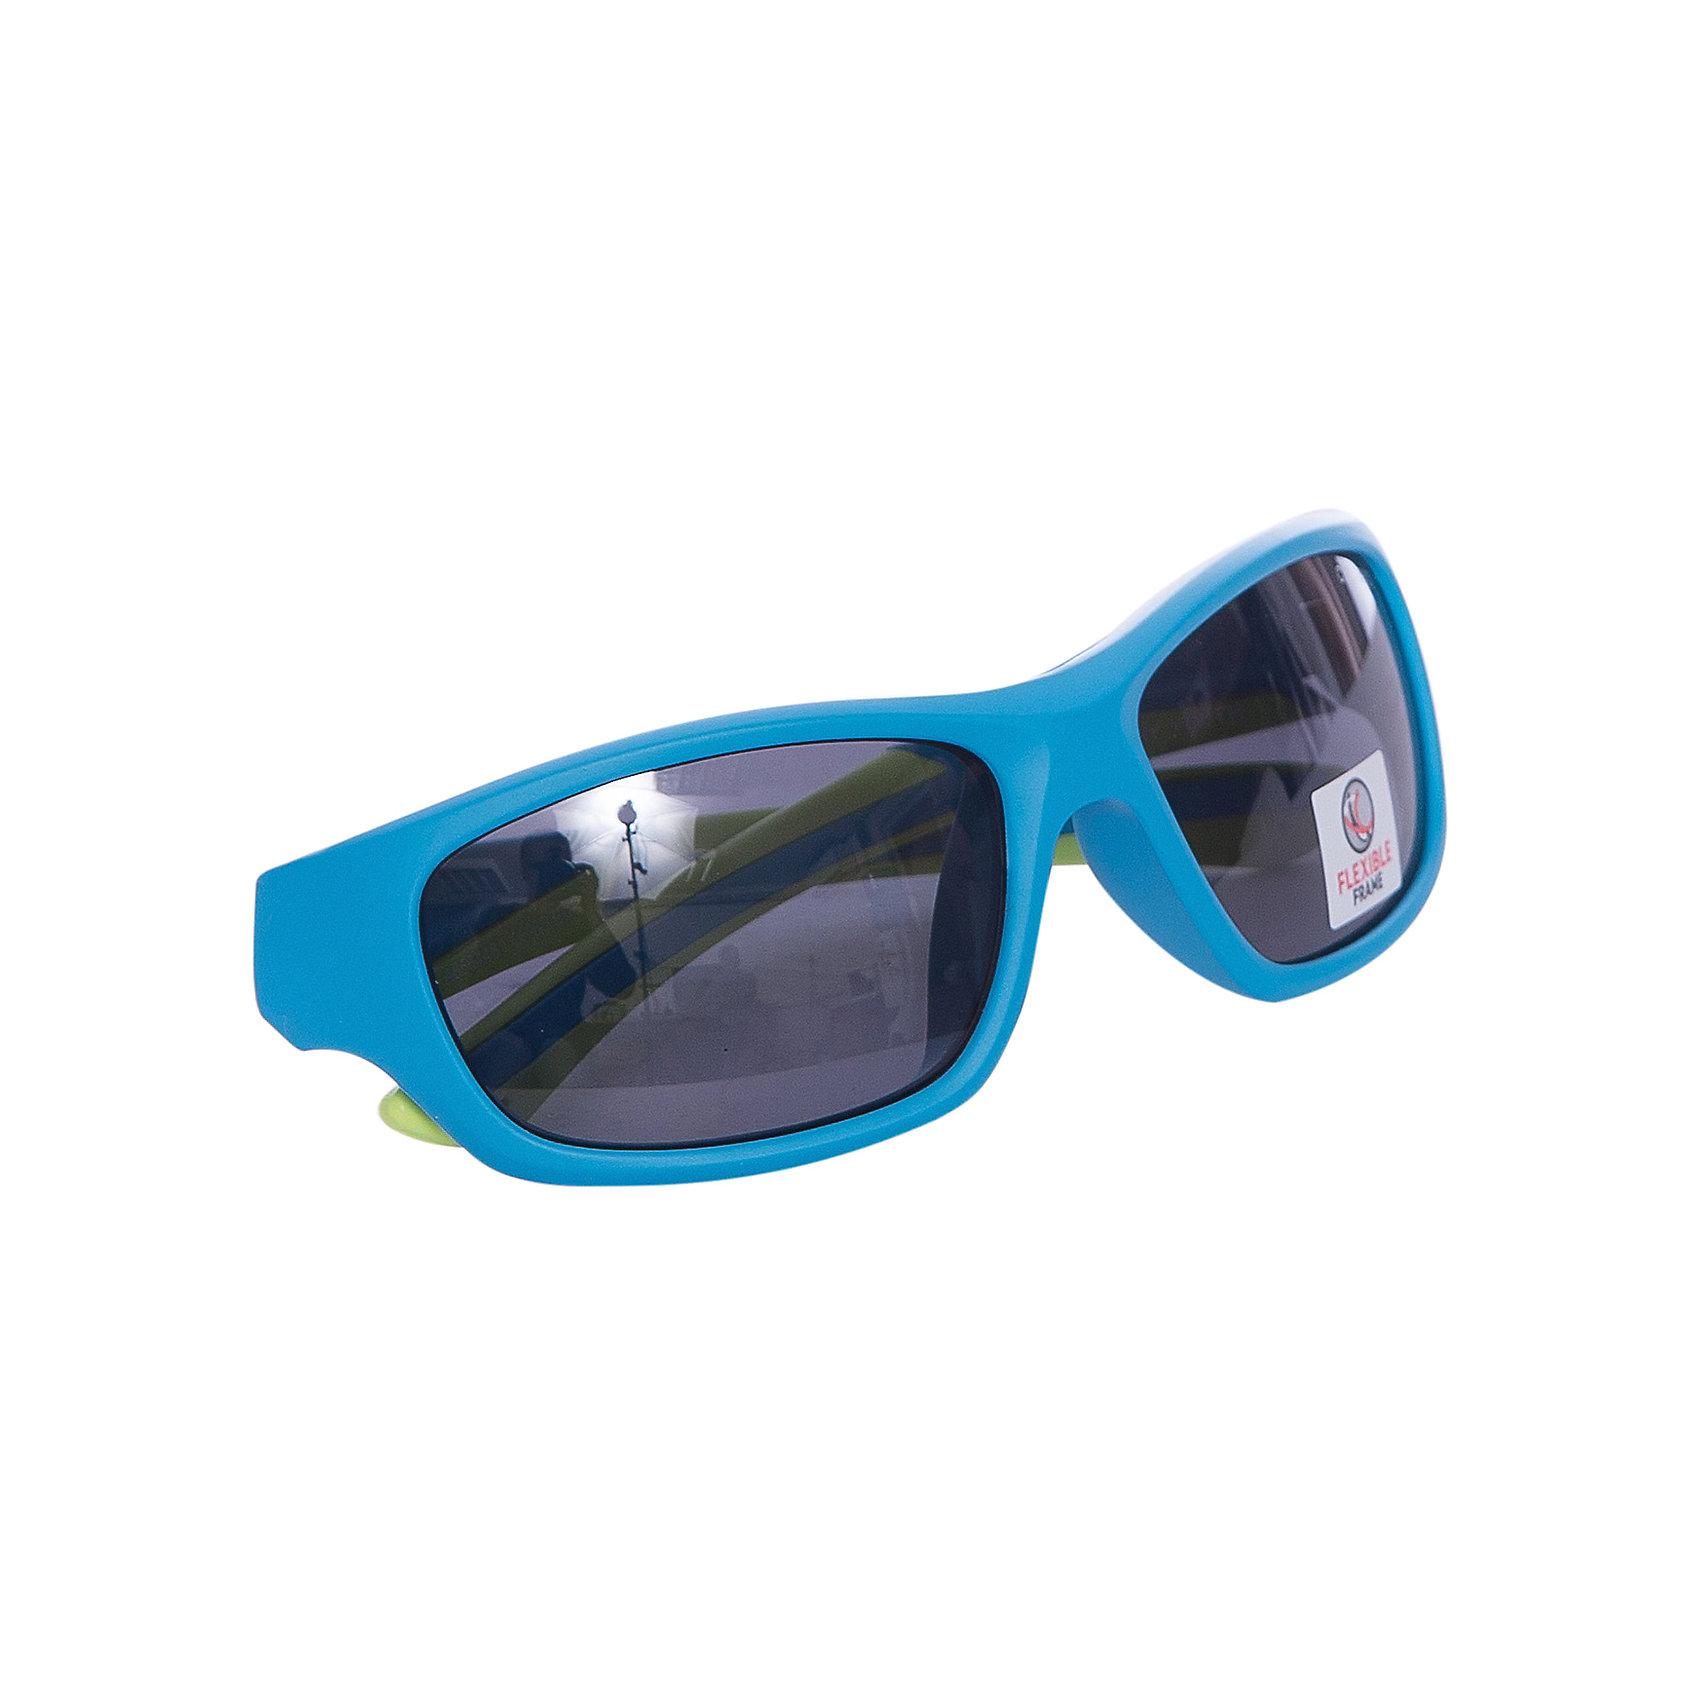 Очки солнцезащитные FLEXXY YOUTH, голубые, ALPINAОчки, маски, ласты, шапочки<br>Характеристики:<br><br>• возраст: от 5 лет;<br>• материал: пластик;<br>• размер упаковки: 19х3х3 см;<br>• вес упаковки: 200 гр.;<br>• страна производитель: Китай.<br><br>Очки солнцезащитные Alpina Flexxy Youth голубые защищают глаза от попадания солнечных лучей во время прогулки, отдыха на природе, катания на велосипеде, занятий спортом. Линзы выполнены из прочного материала, устойчивого к разбиванию. Они защищают глаза от всех типов УФ-лучей и не запотевают.<br><br>Очки солнцезащитные Alpina Flexxy Youth голубые можно приобрести в нашем интернет-магазине.<br><br>Ширина мм: 154<br>Глубина мм: 73<br>Высота мм: 53<br>Вес г: 43<br>Цвет: синий<br>Возраст от месяцев: 96<br>Возраст до месяцев: 1164<br>Пол: Унисекс<br>Возраст: Детский<br>SKU: 4467489